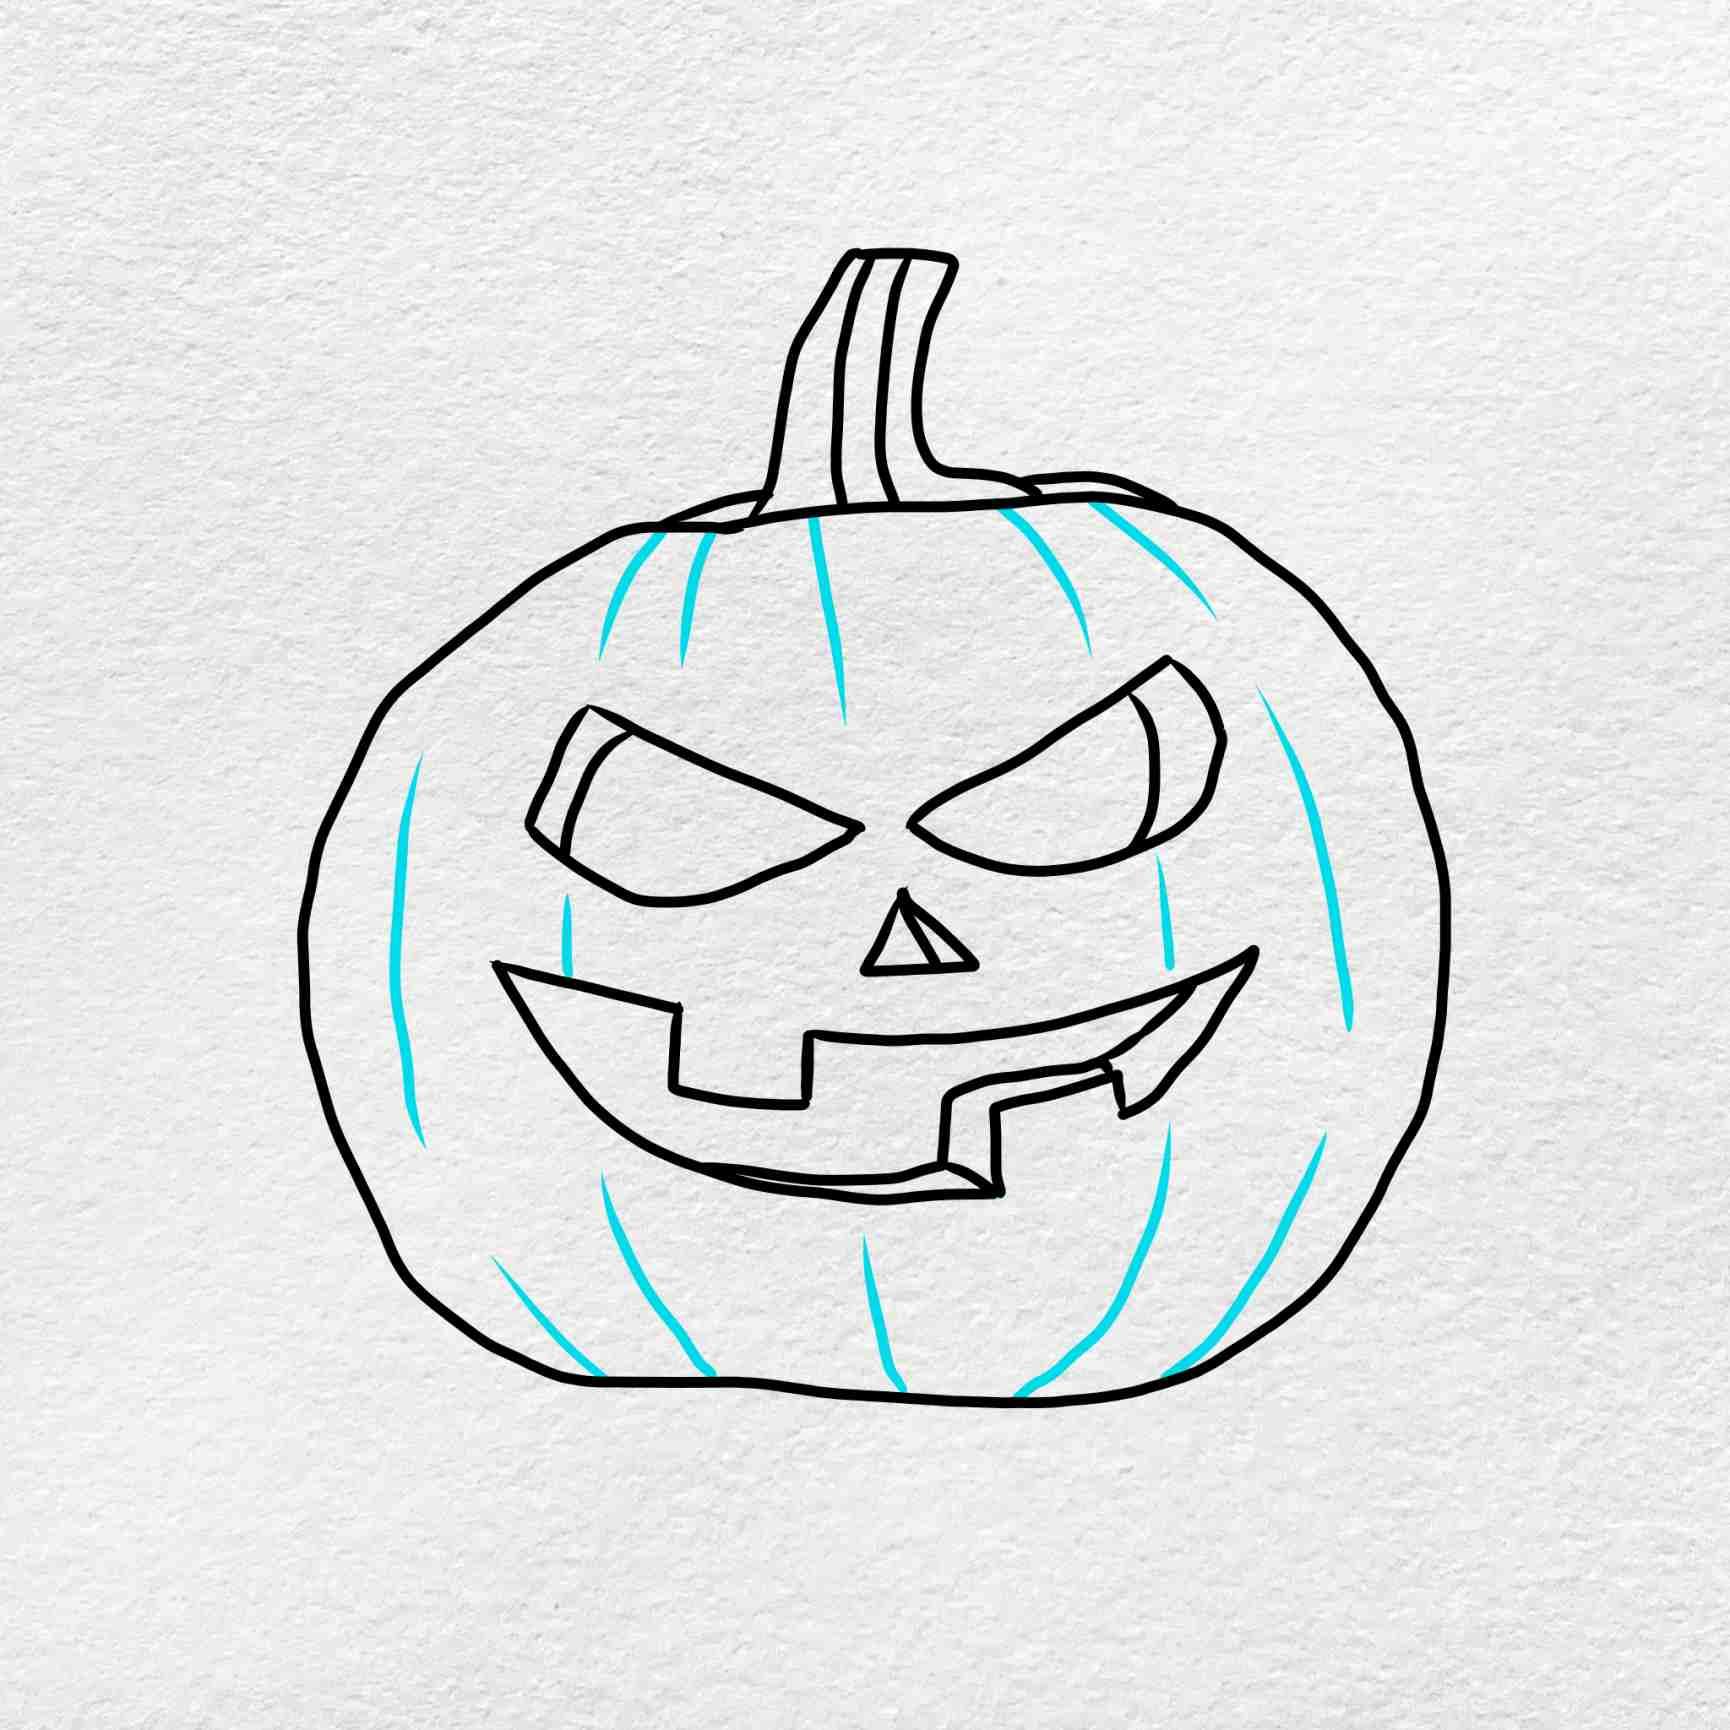 Draw A Pumpkin Face: Step 5